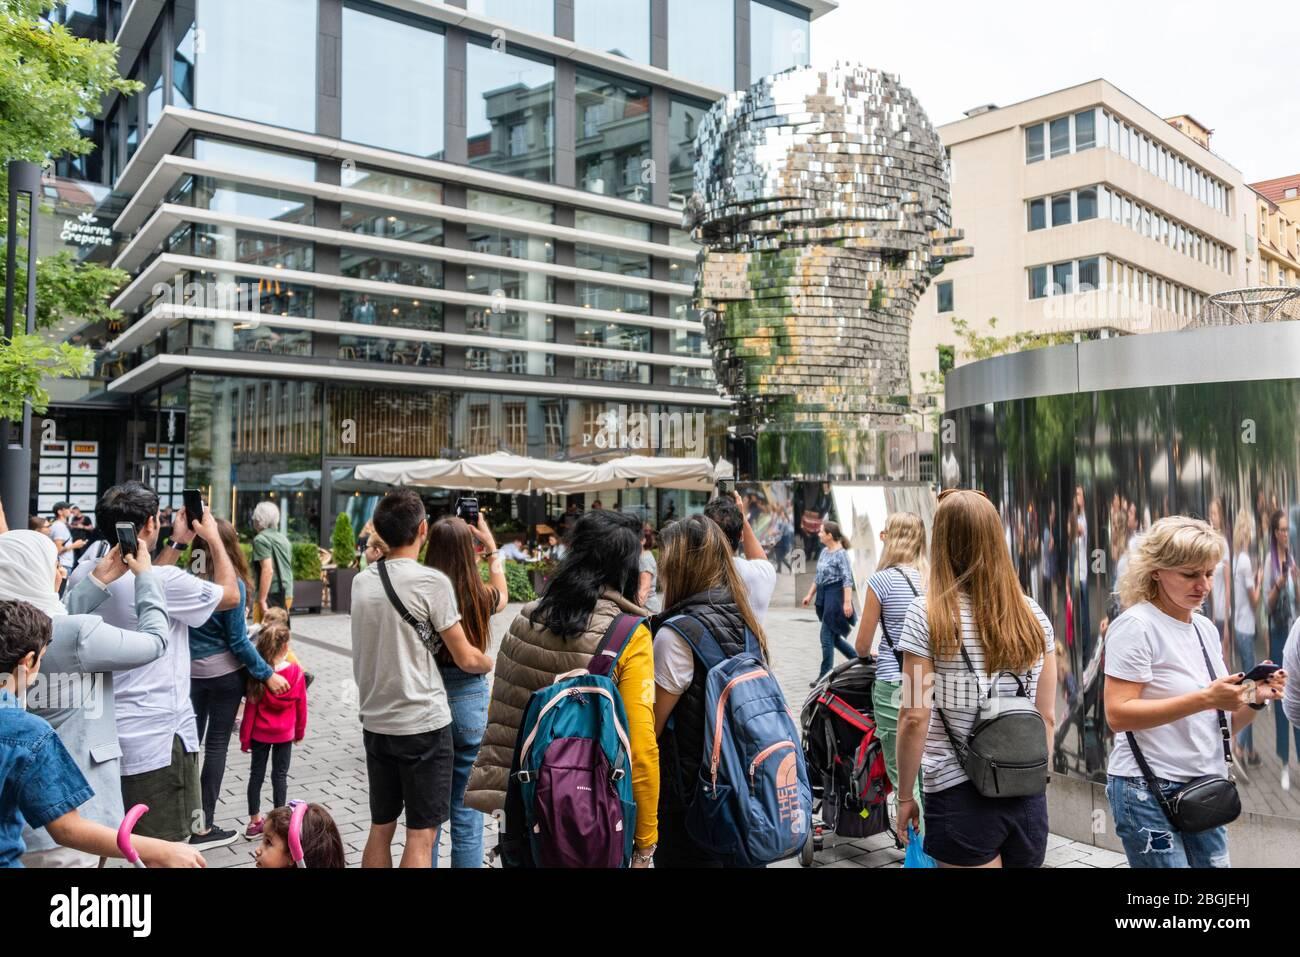 Les gens, touristes regardant le chef de Franz Kafka connu sous le nom de Statue de Kafka sculpture extérieure par David Cerny, installé à l'extérieur des magasins Quadrio Banque D'Images